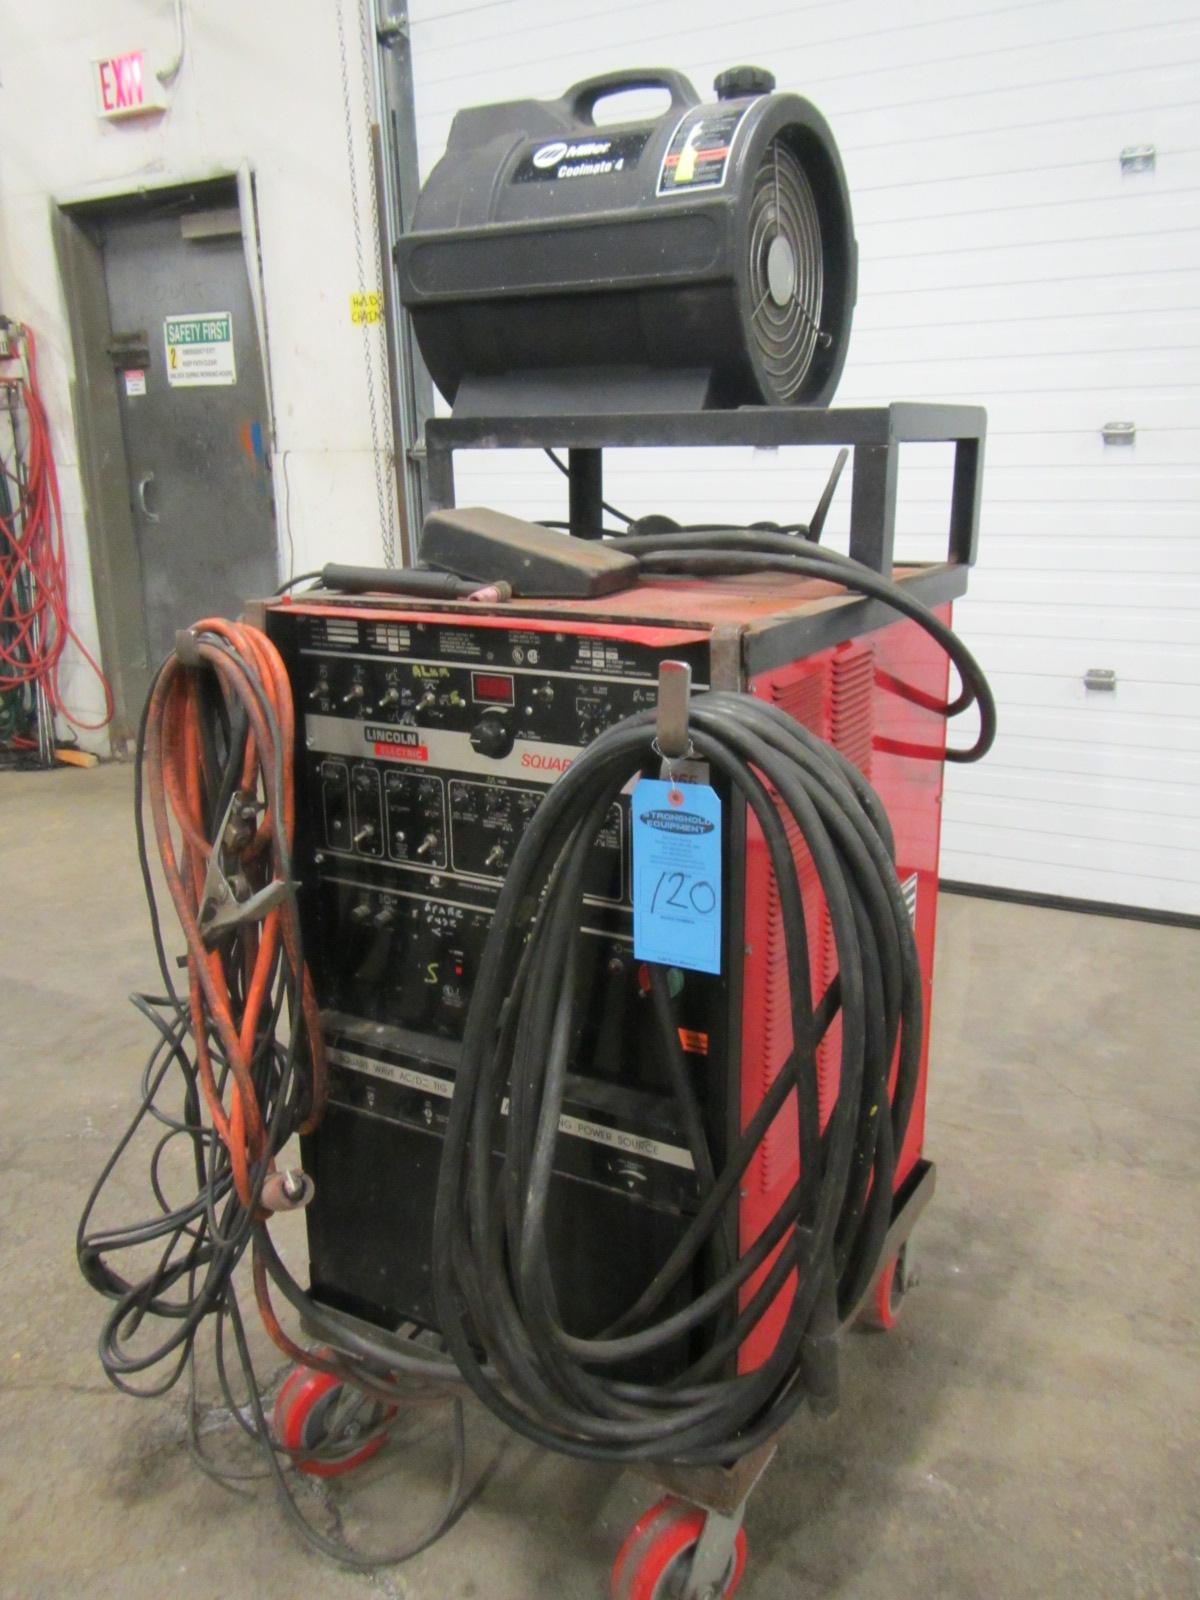 tig itm lincoln cooler gun cart electric clamp welders nice welder